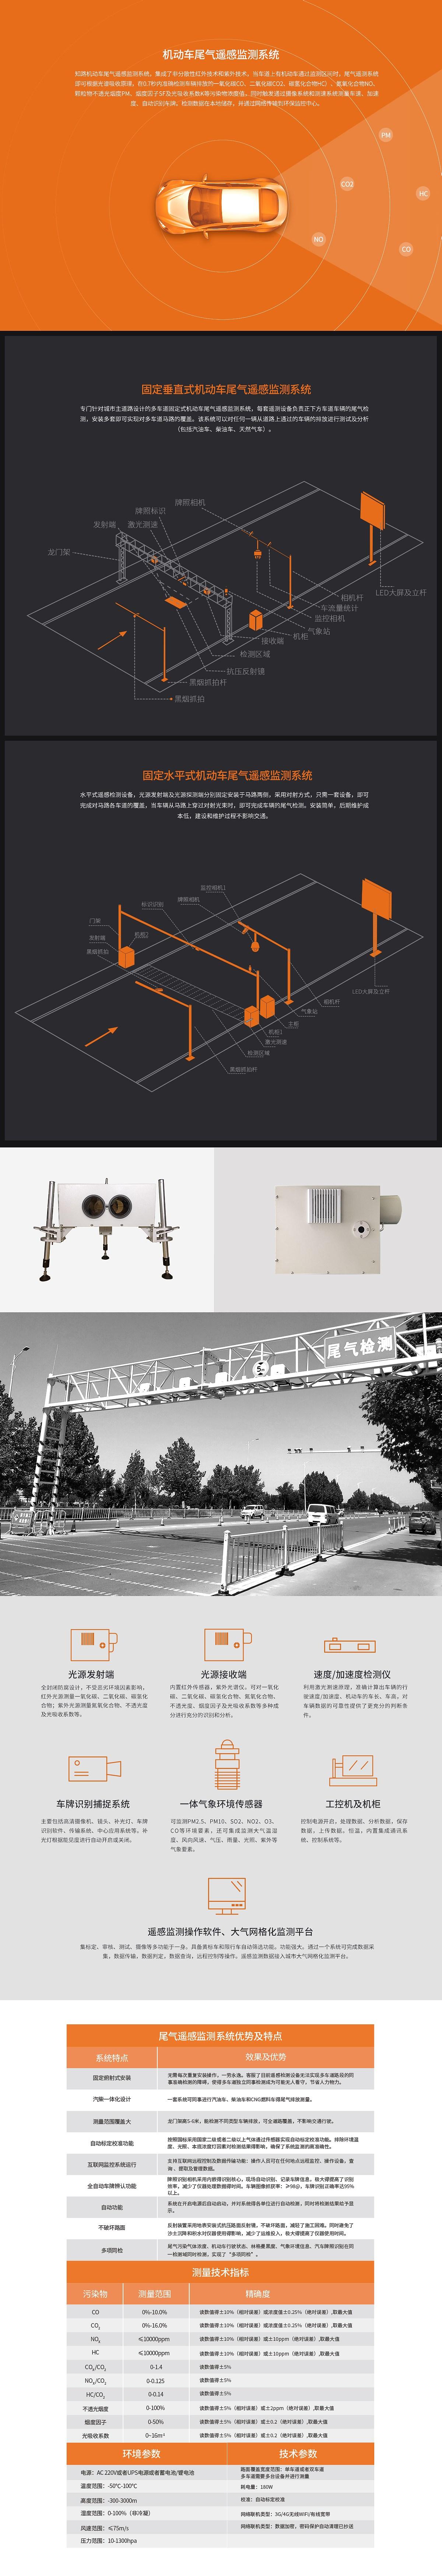 机动车尾气遥感监测系统.jpg